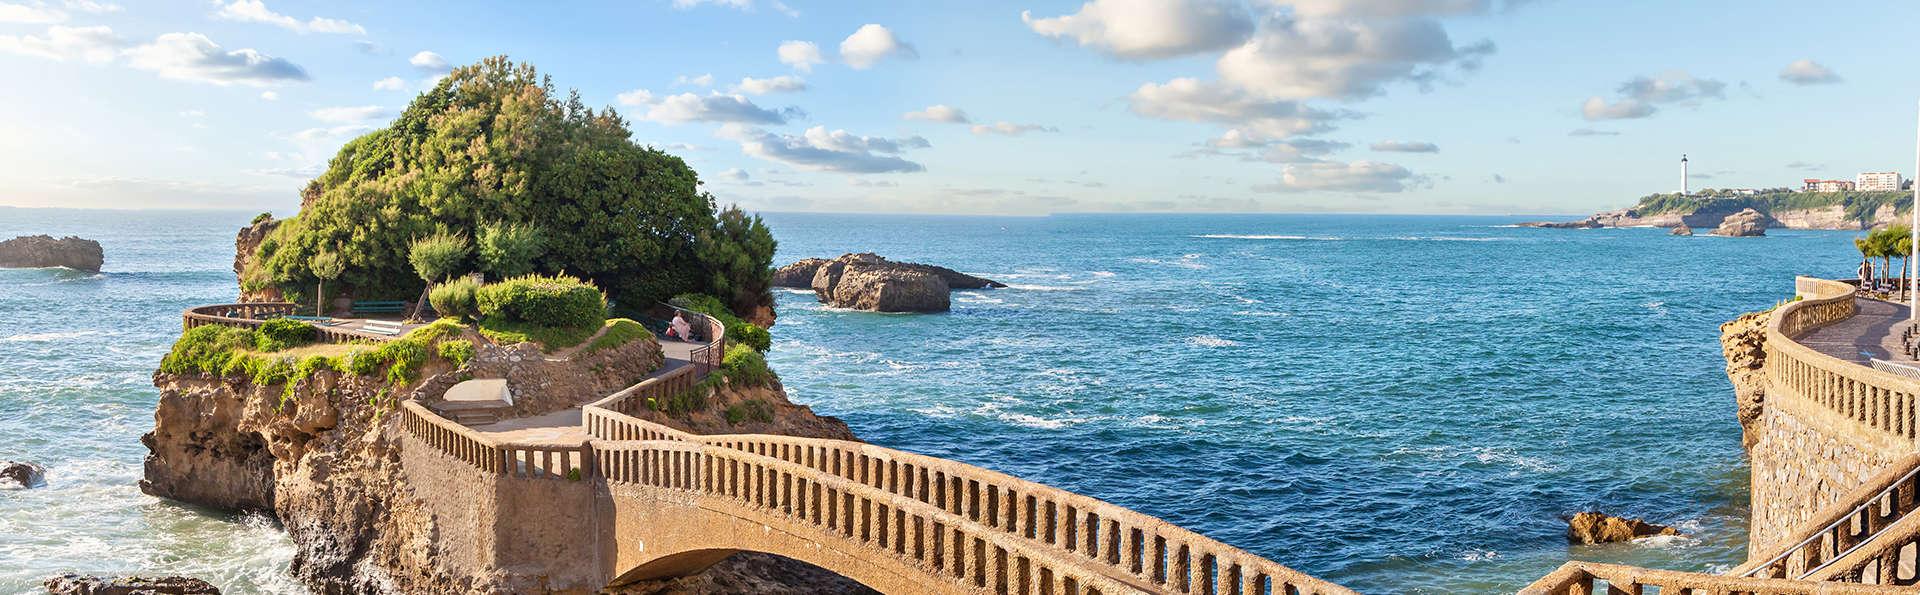 Escale Oceania Biarritz - Edit_Biarritz2.jpg